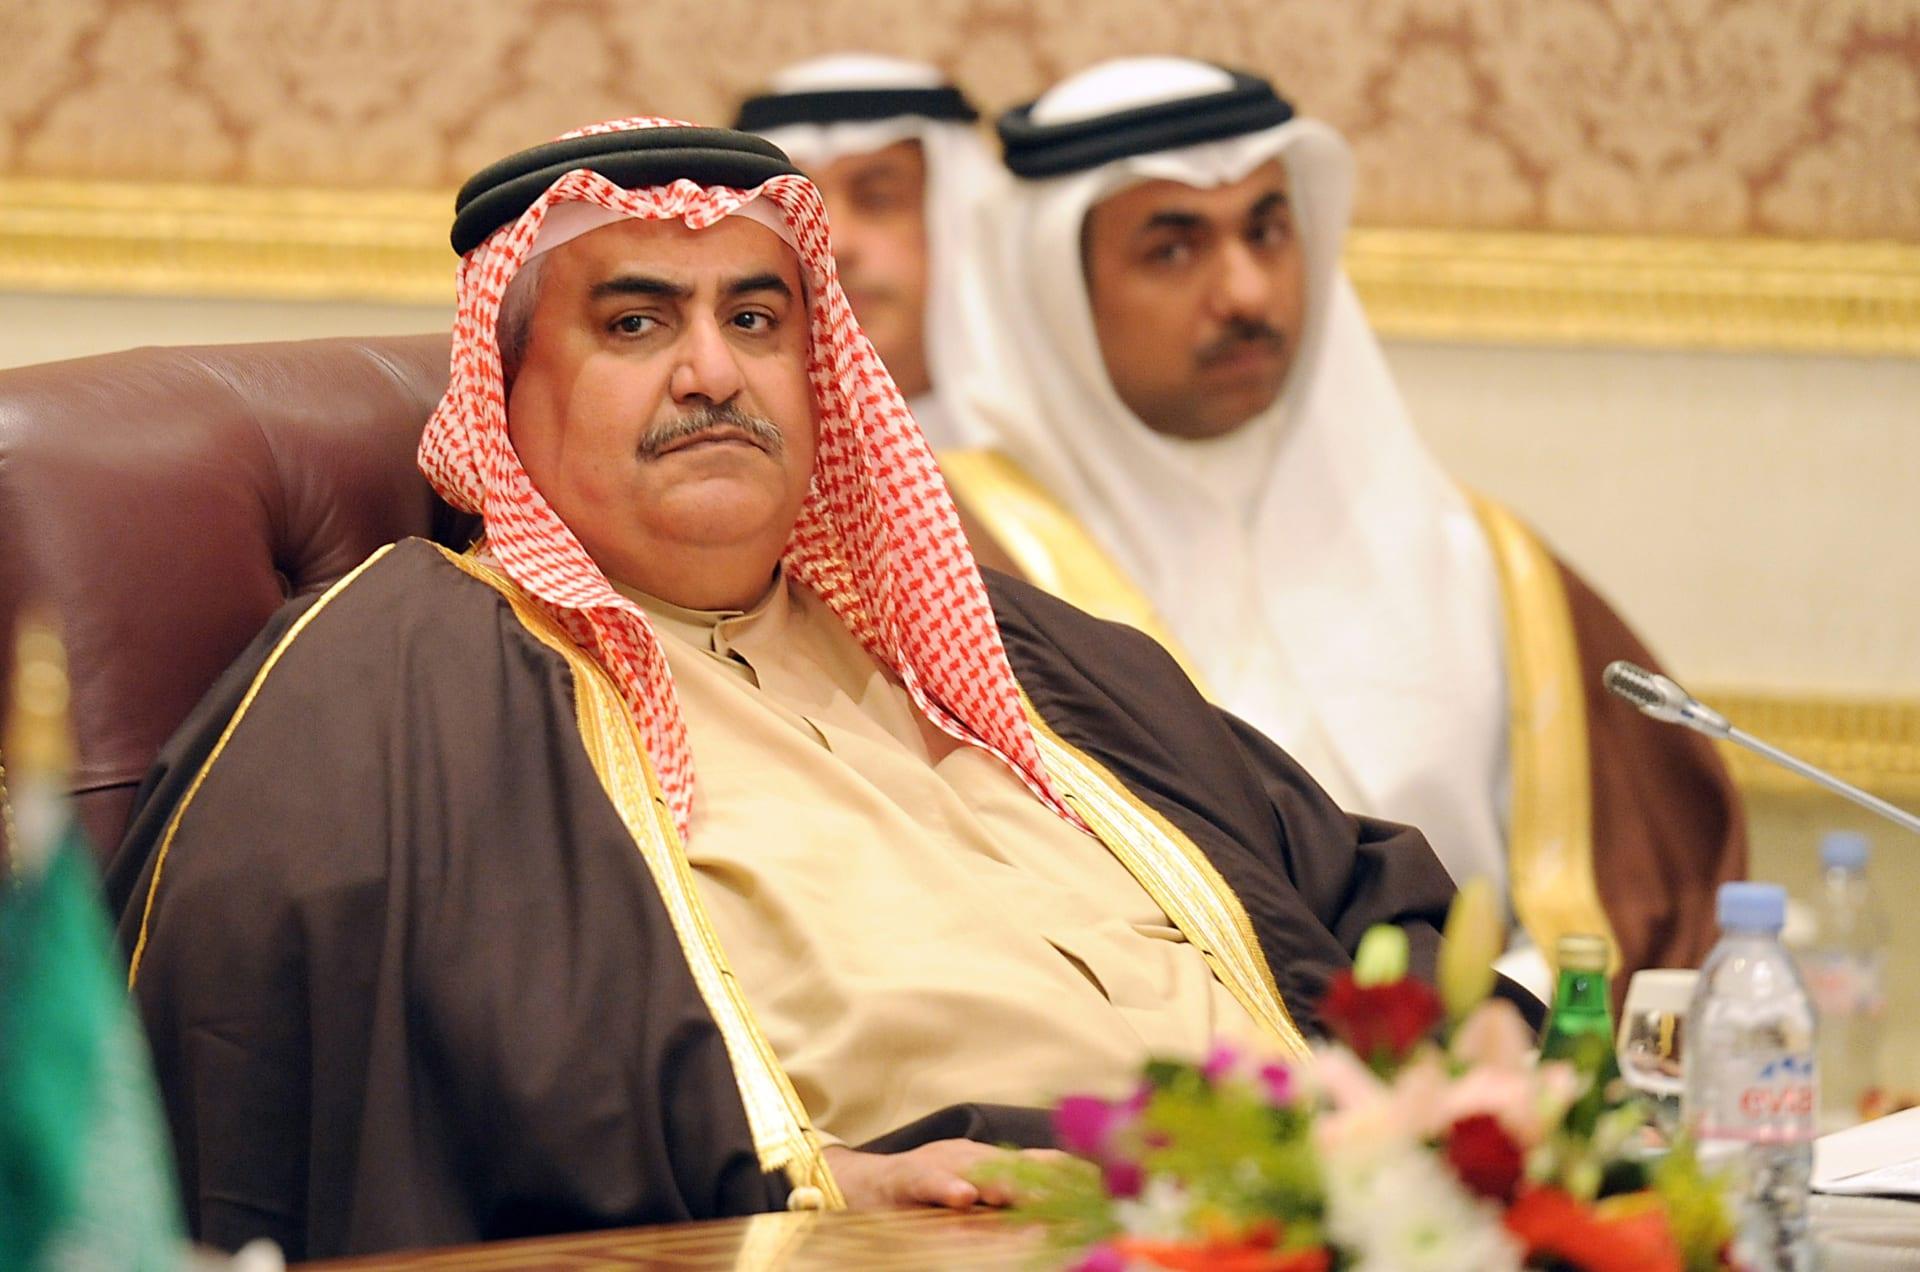 """الخارجية البحرينية تستدعي السفير الإيراني احتجاجاً على تصريحات """"طائفية مقيتة ومرفوضة"""" لخامنئي"""